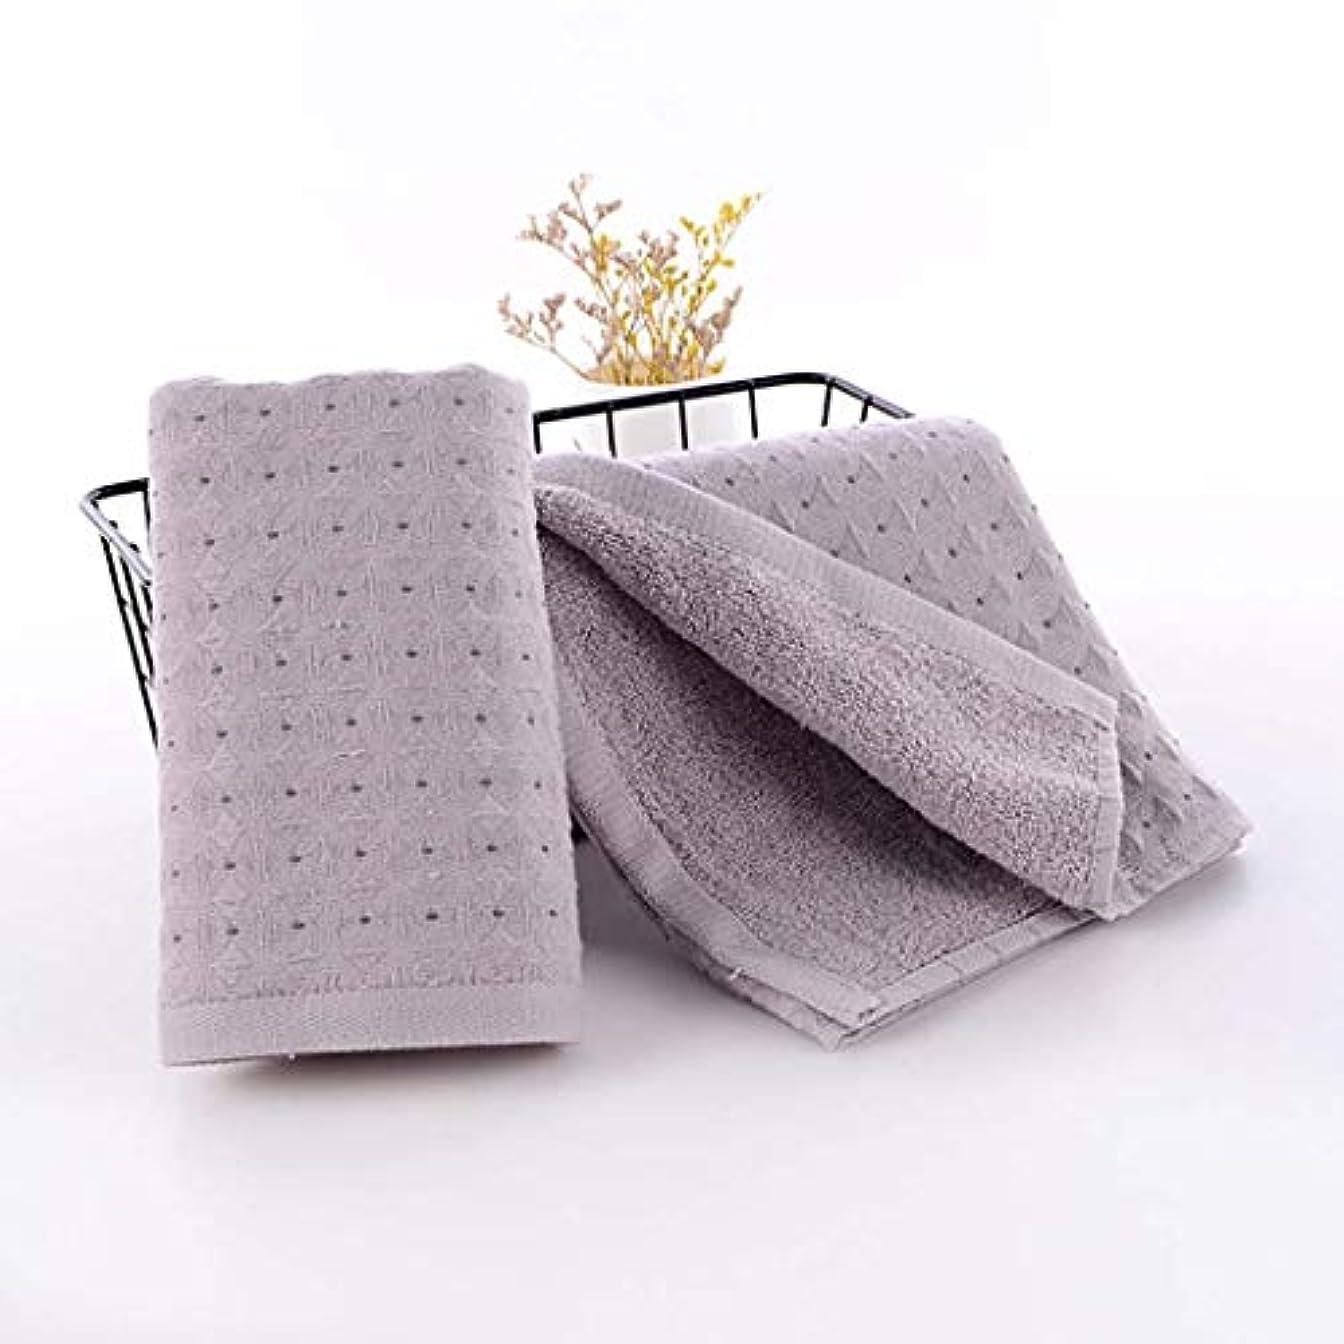 病弱下着と綿のハンドタオルの速い乾燥したタオルの速い乾燥したタオル,Gray,34*75cm